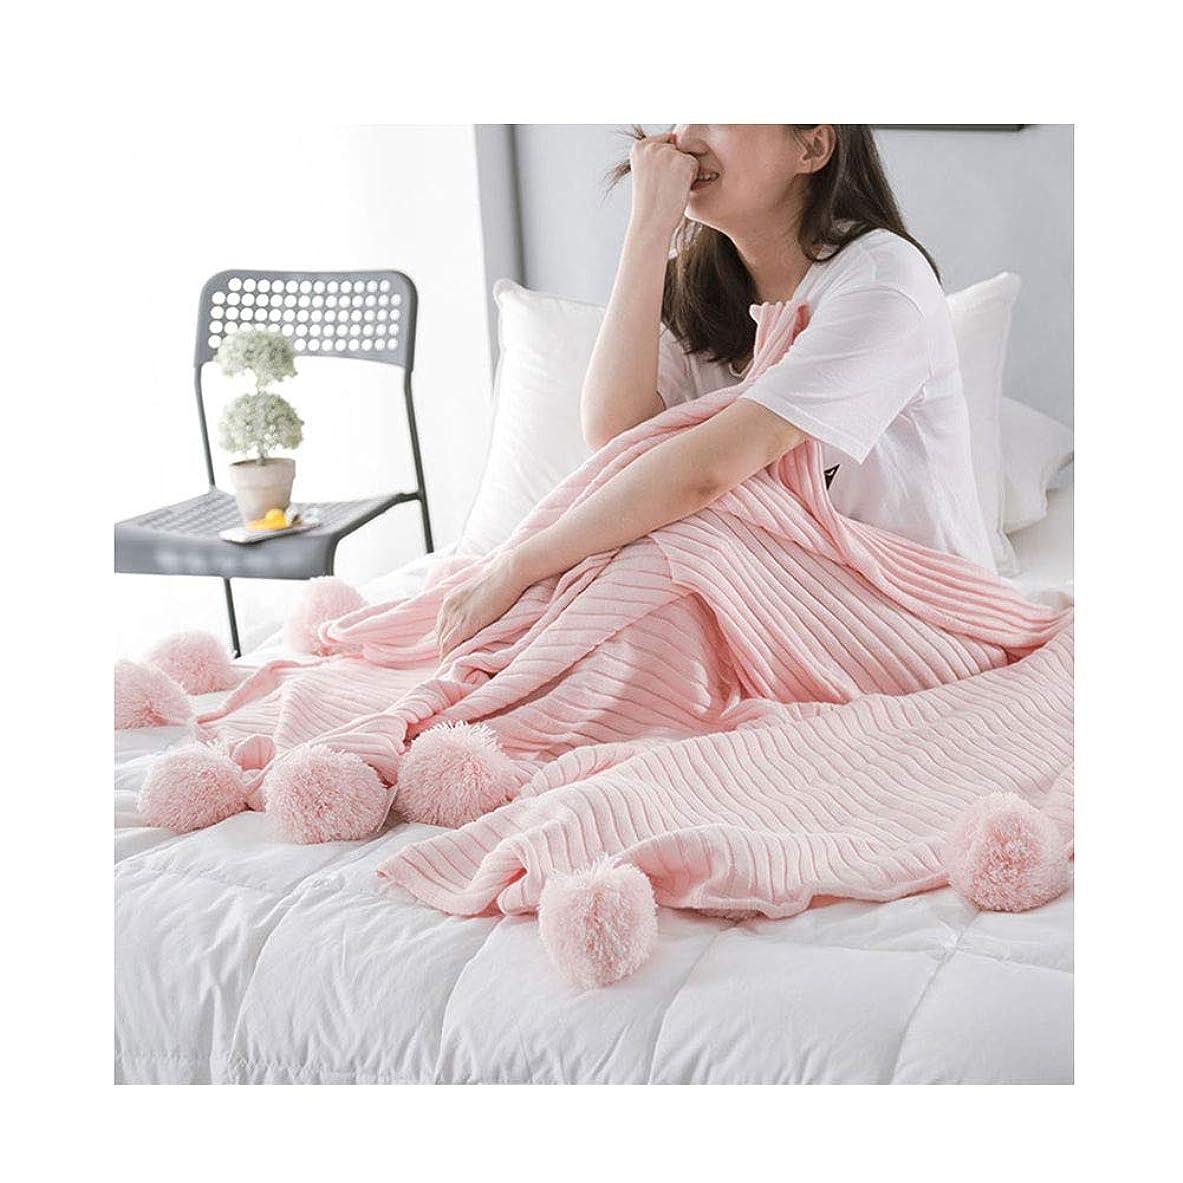 マトンクリスチャン中性BTFirst 柔らかい綿毛布愛らしい毛玉毛布家の寝室ニット毛布通気北欧可愛い軽量 冷房対策 綿100%天然素材